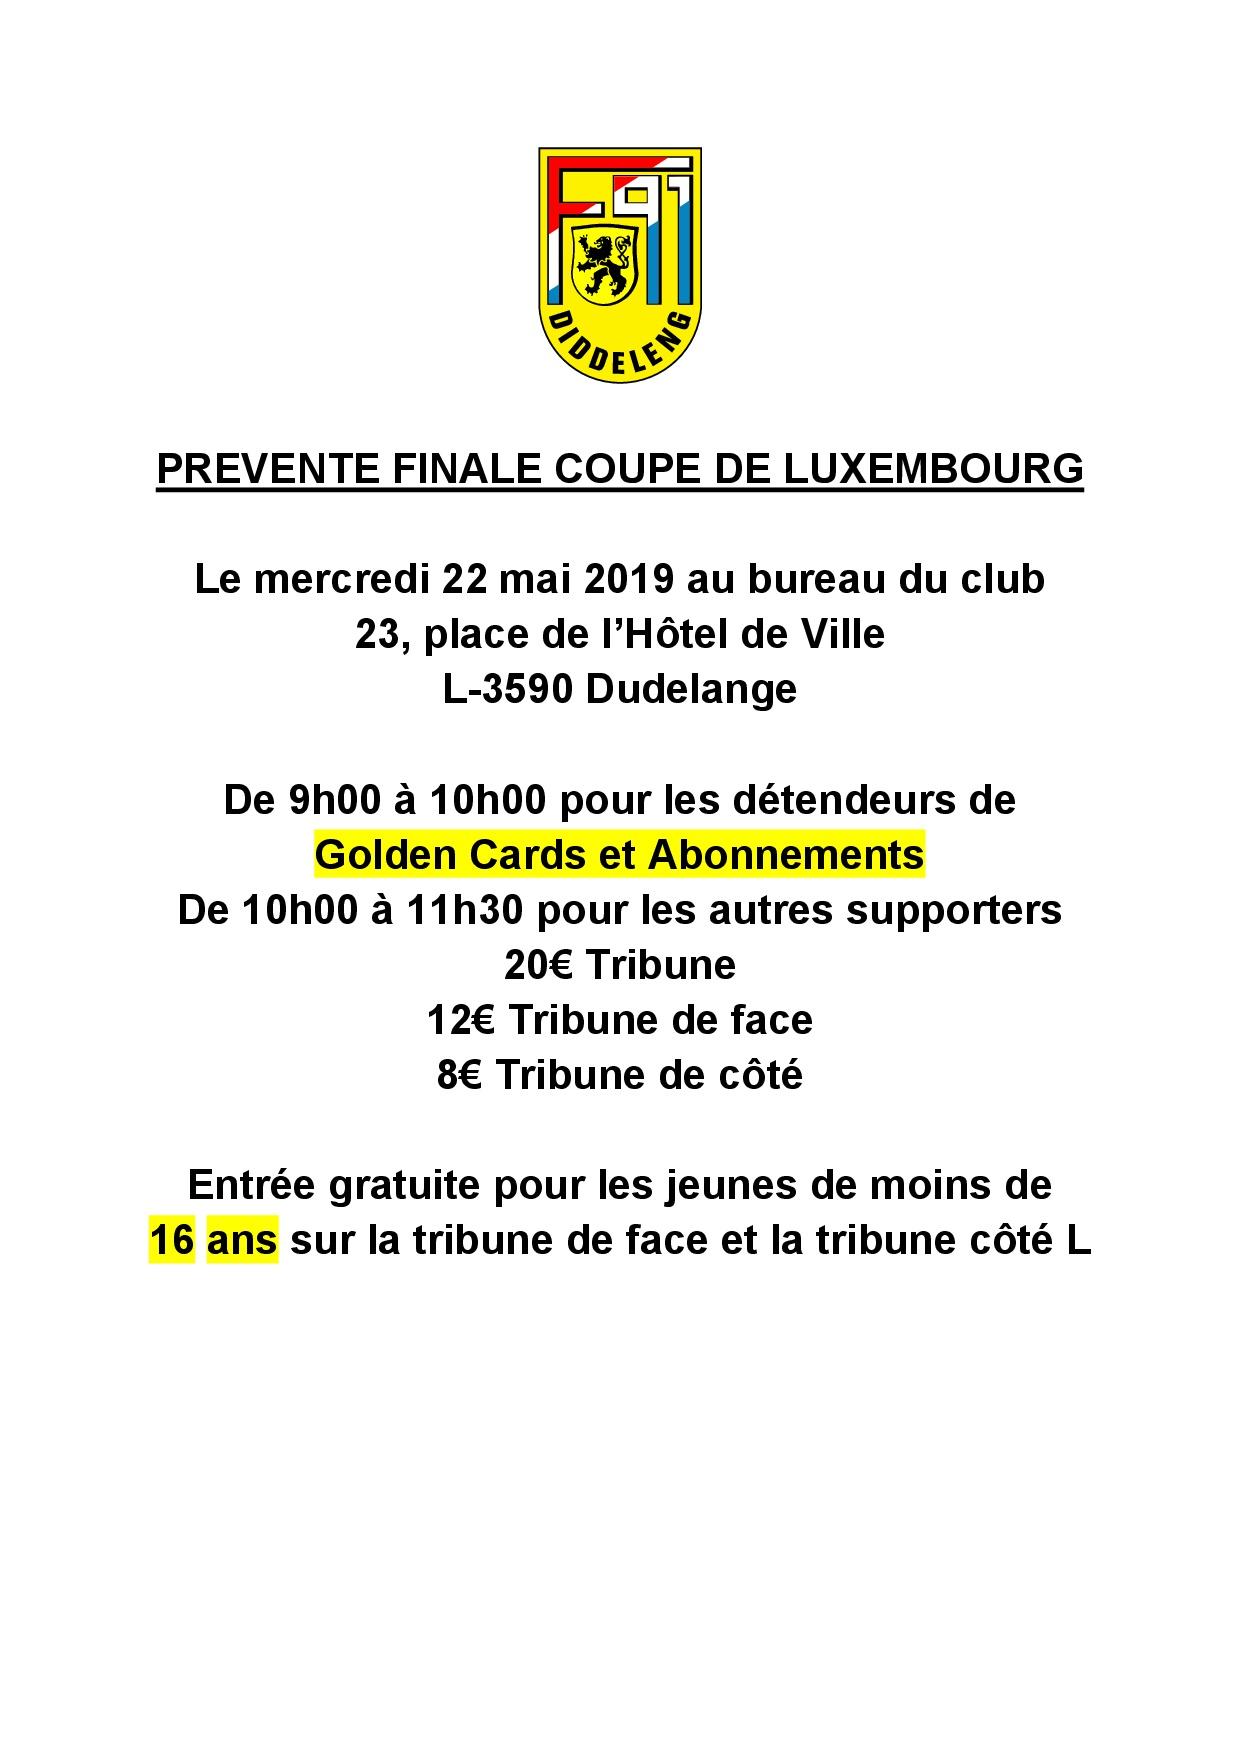 PREVENTE FINALE COUPE DE LUXEMBOURG